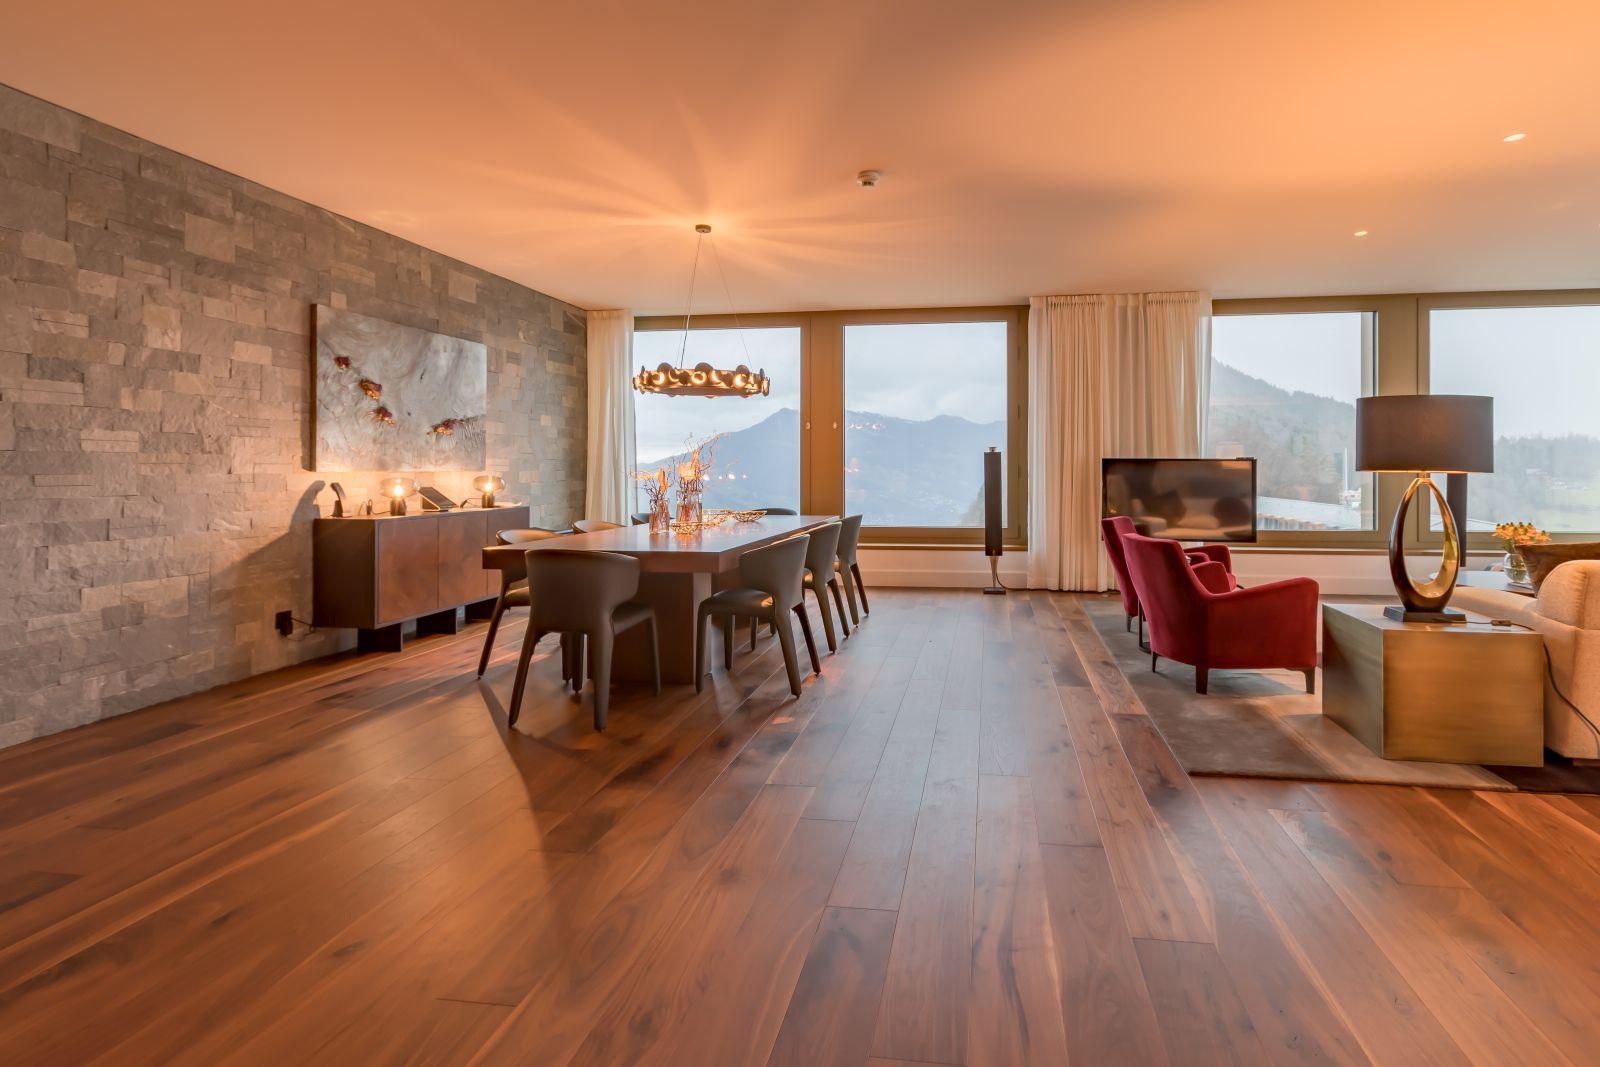 Drewniany parkiet Listone Giordano zorzecha amerykańskiego wznanym hotelu Bürgenstock wSzwajcarii